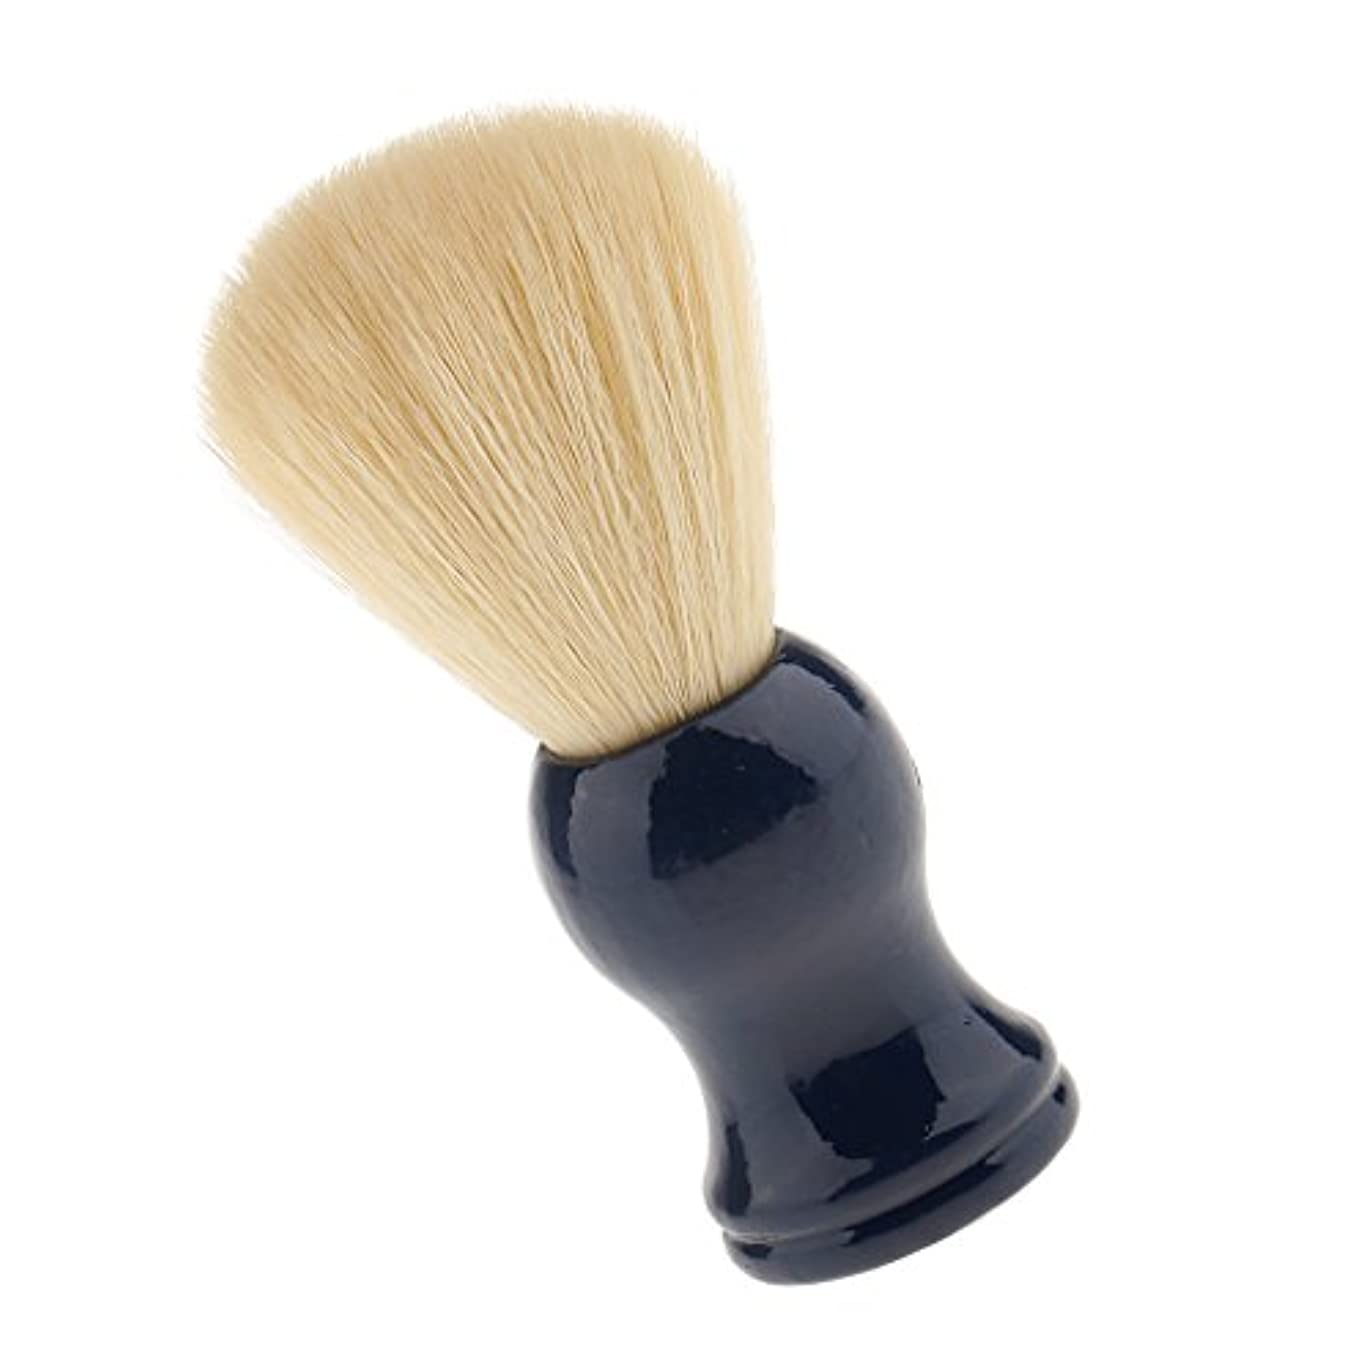 飼い慣らす安全ウナギKesoto シェービングブラシ 美容院用工具 理髪用 スキンケア サロン 便利グッズ ひげブラシ 首/顔 散髪整理  1点